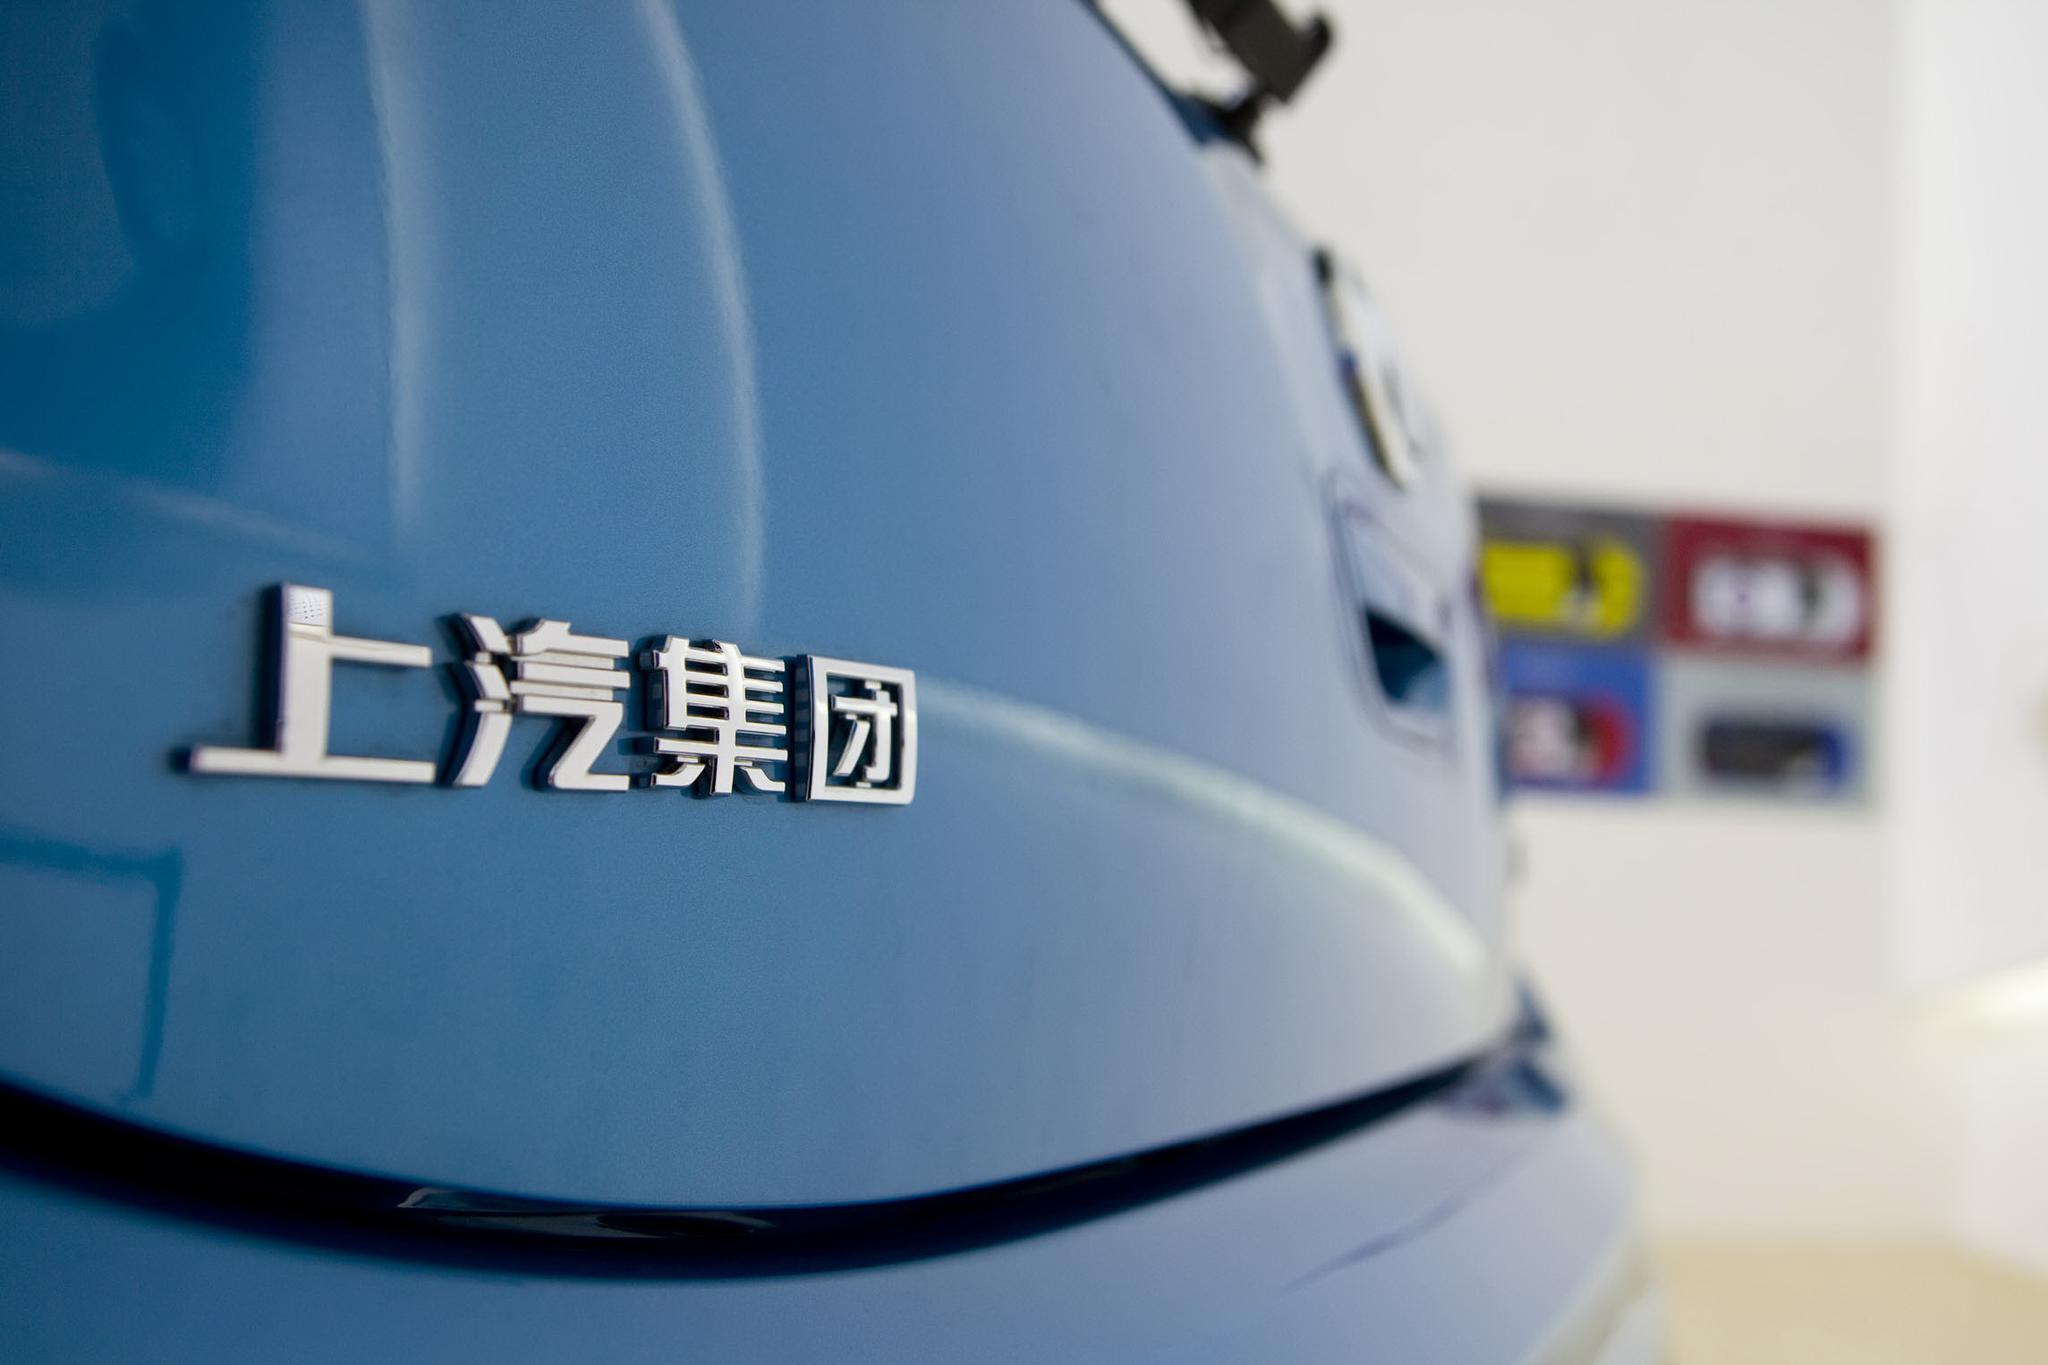 3月份上汽集团整车销售 49.3万辆 增长112.9% 新能源车增长837%